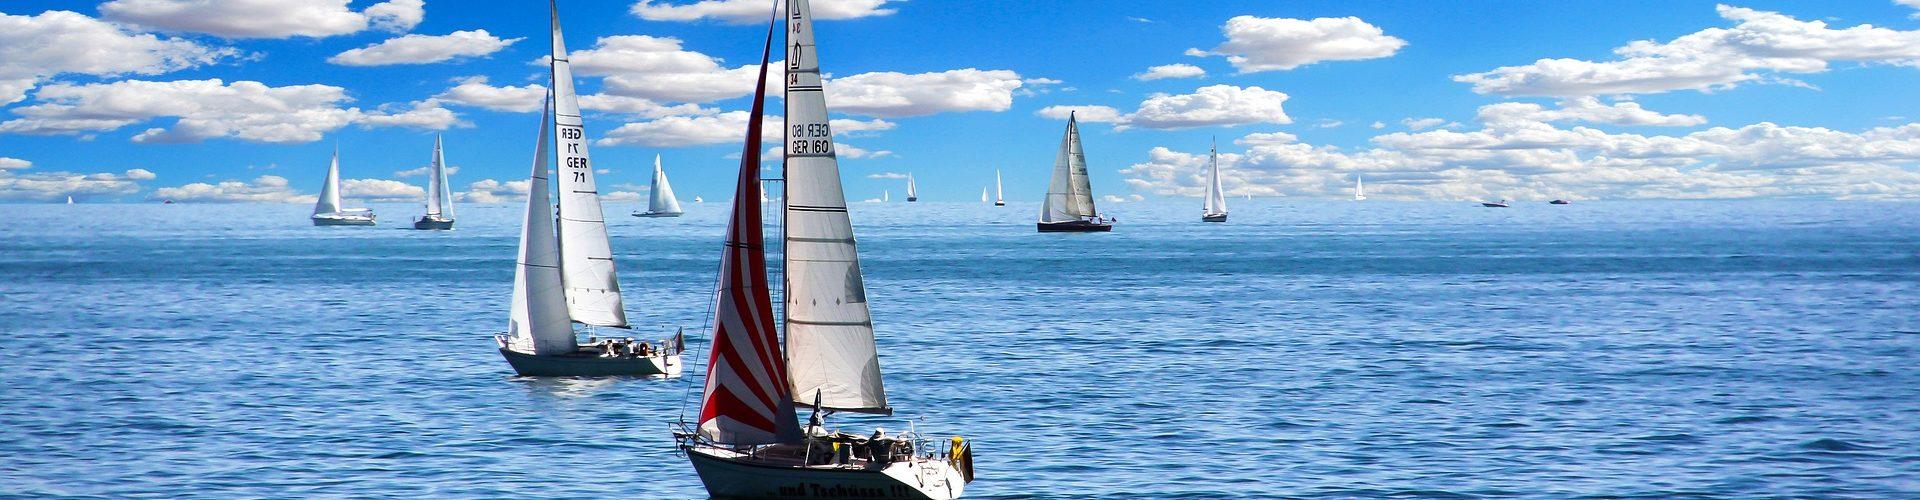 segeln lernen in Bielefeld segelschein machen in Bielefeld 1920x500 - Segeln lernen in Bielefeld